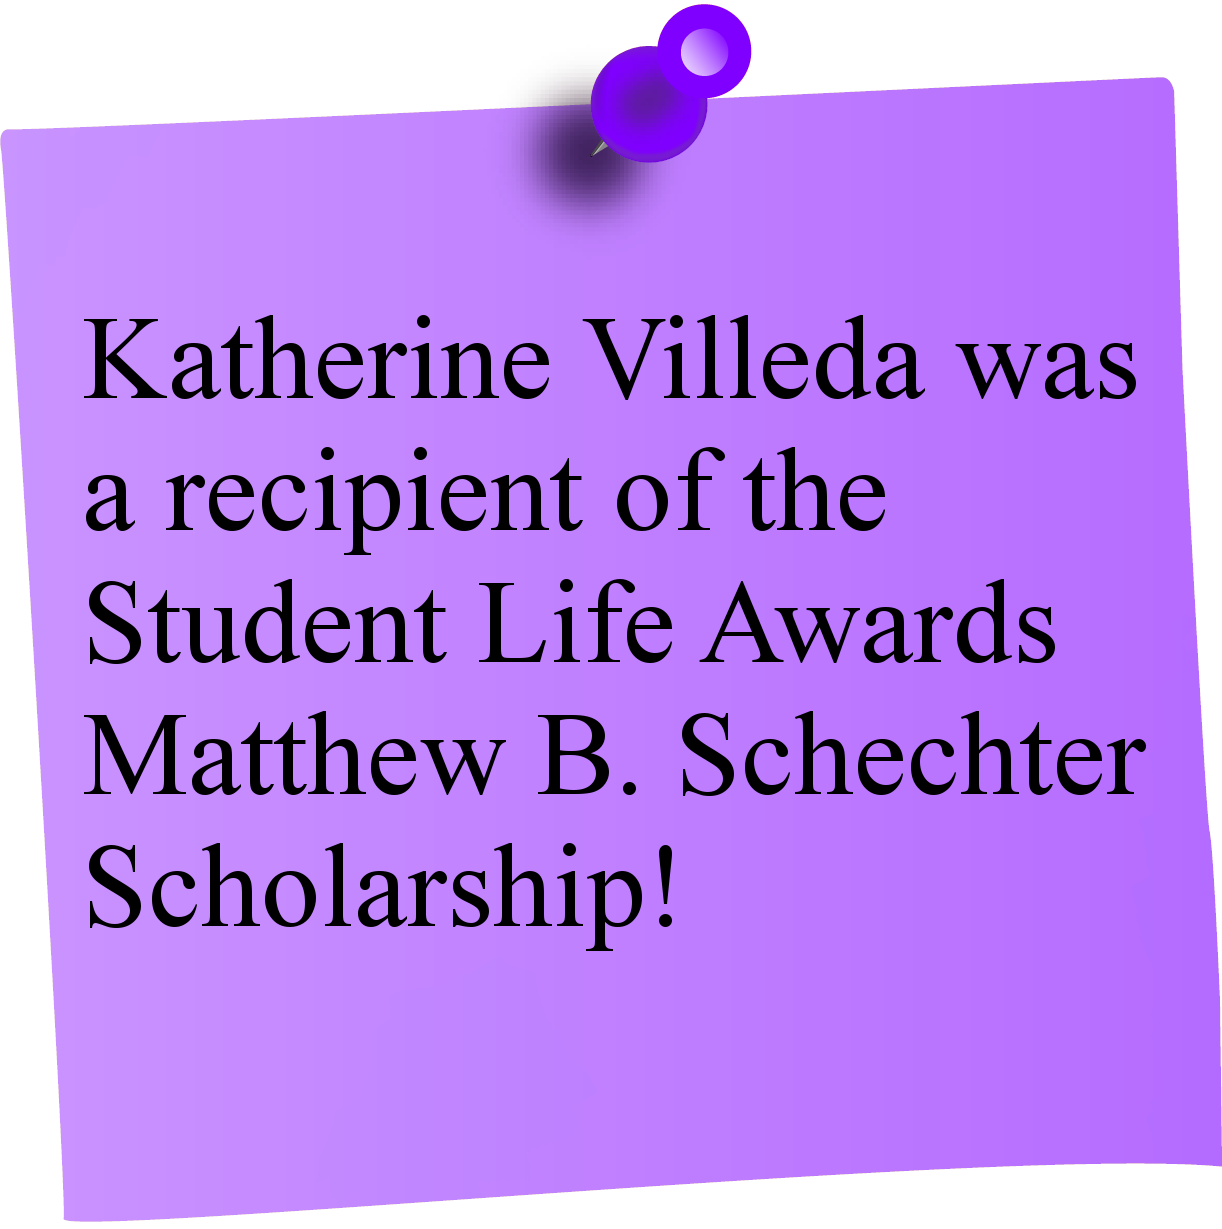 Katherine Villeda